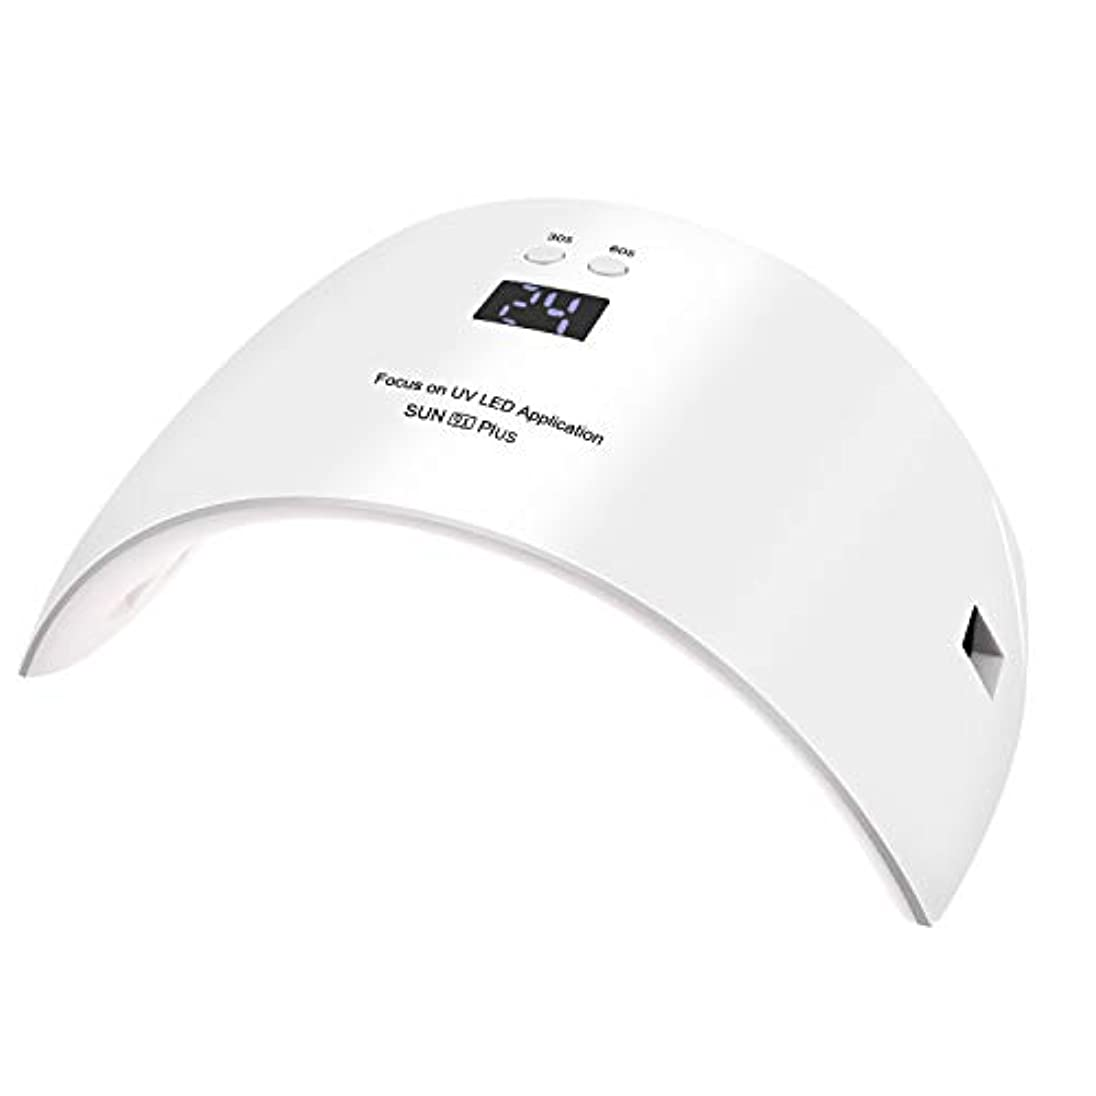 株式会社魂お誕生日Heshare LED ネイルドライヤー 36W UVライト レジン用 UV ネイルライト 硬化用 セルフネイル タイマー機能 自動センサー機能 USB式 日本語説明書付き (36w)